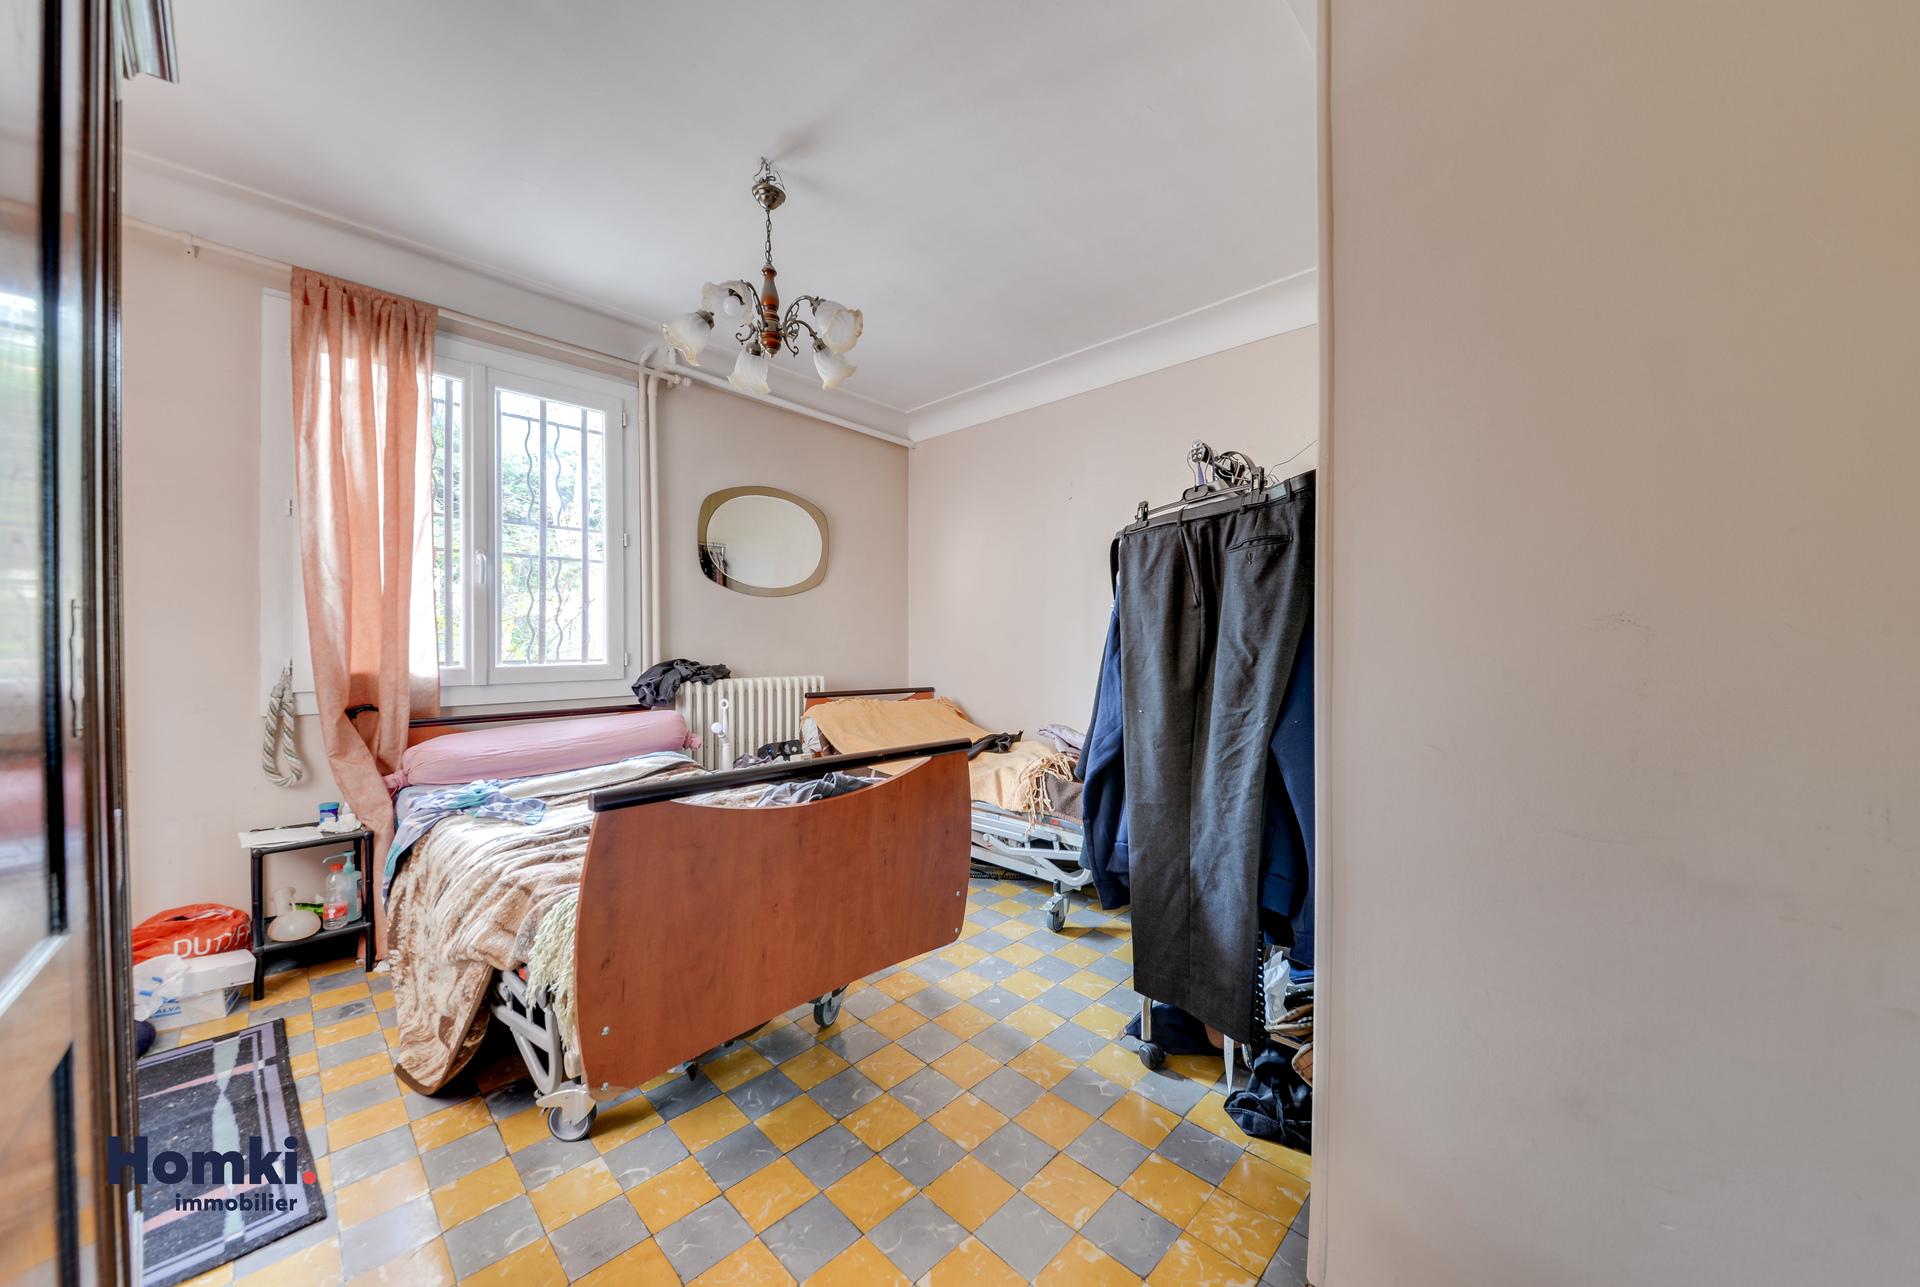 Vente maison 160m² T7 13013_10